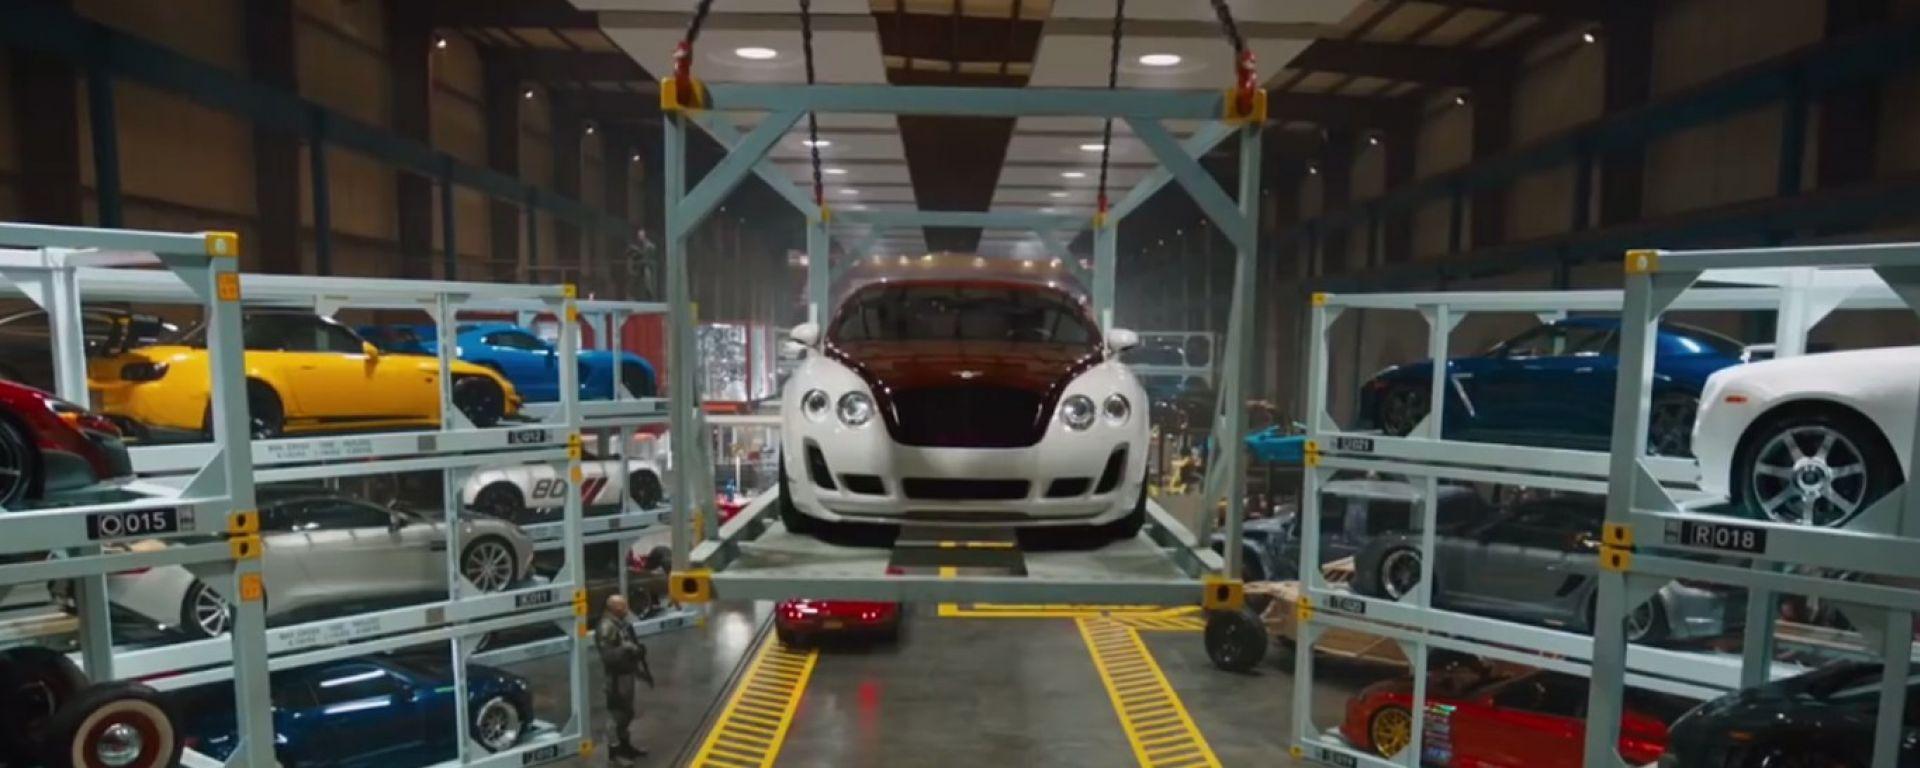 Esce oggi nei cinema italiani Fast & Furious 8, nuovo capitolo della saga dedicata al mondo dei motori